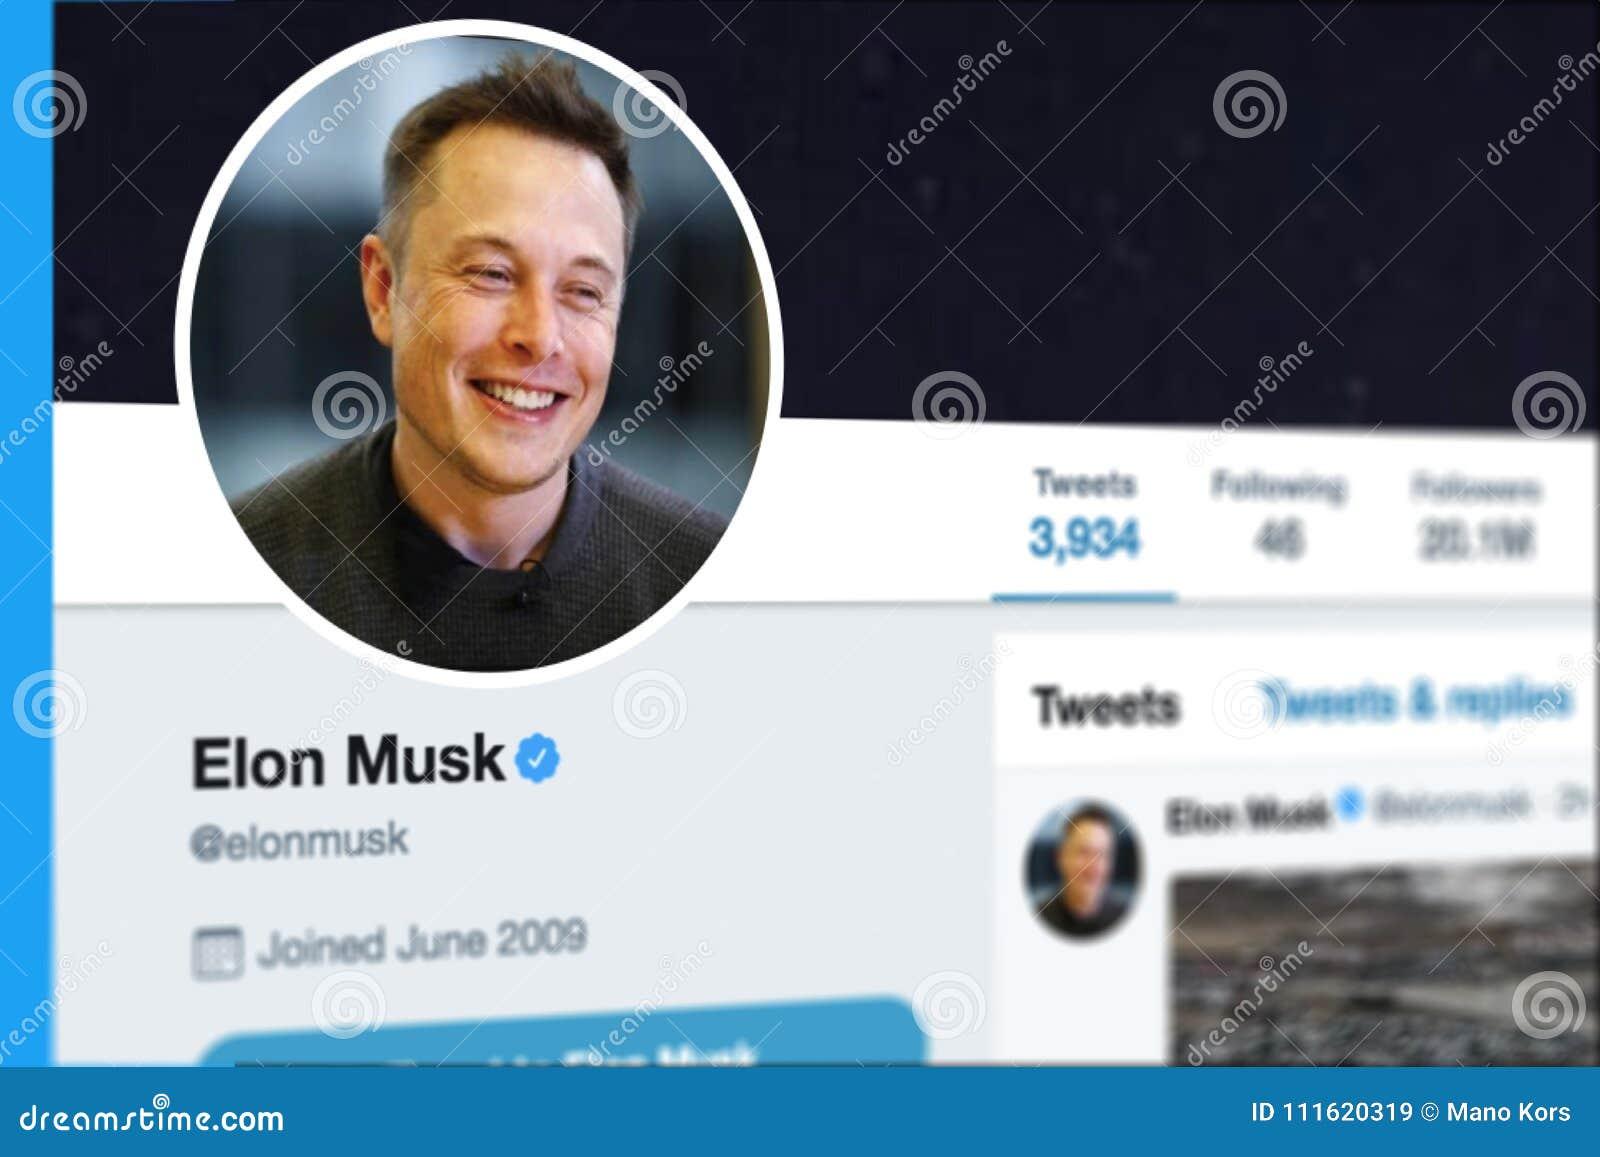 KRABI, THAILAND - MARCH 08, 2018: Closeup Of Elon Musk Twitter